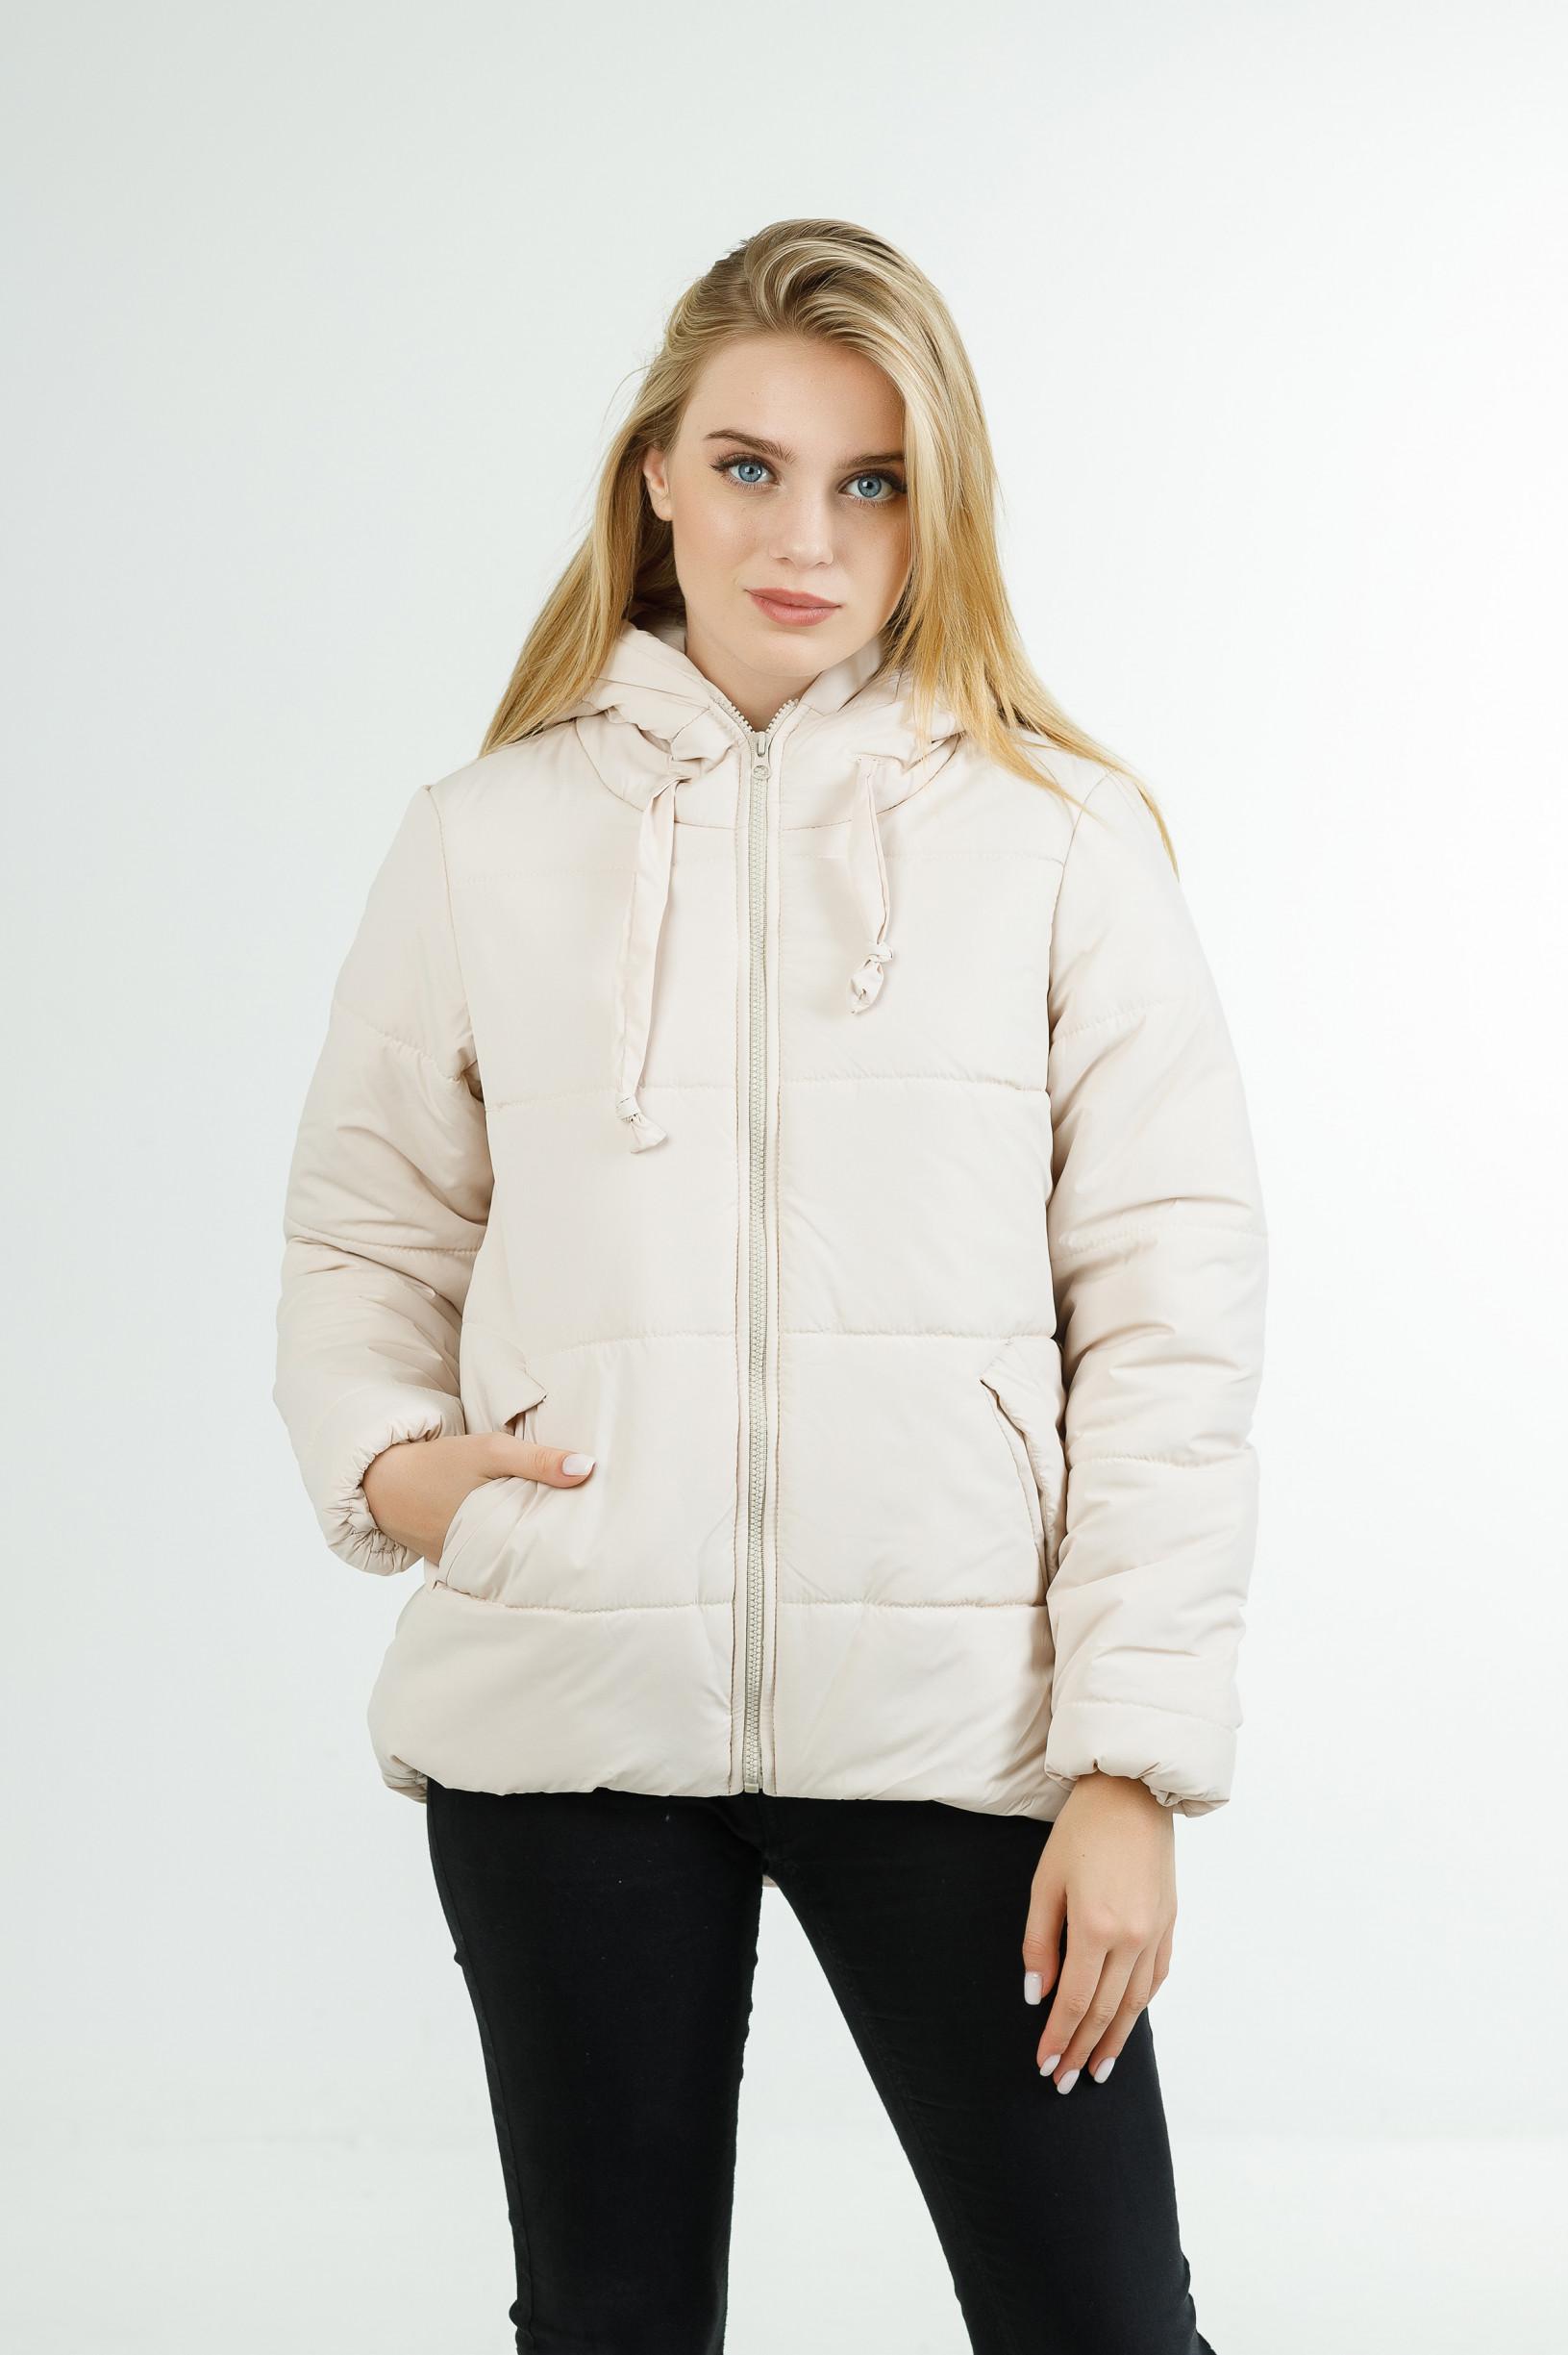 Полуспортивная демисезонная куртка для девушки Тутси молочная